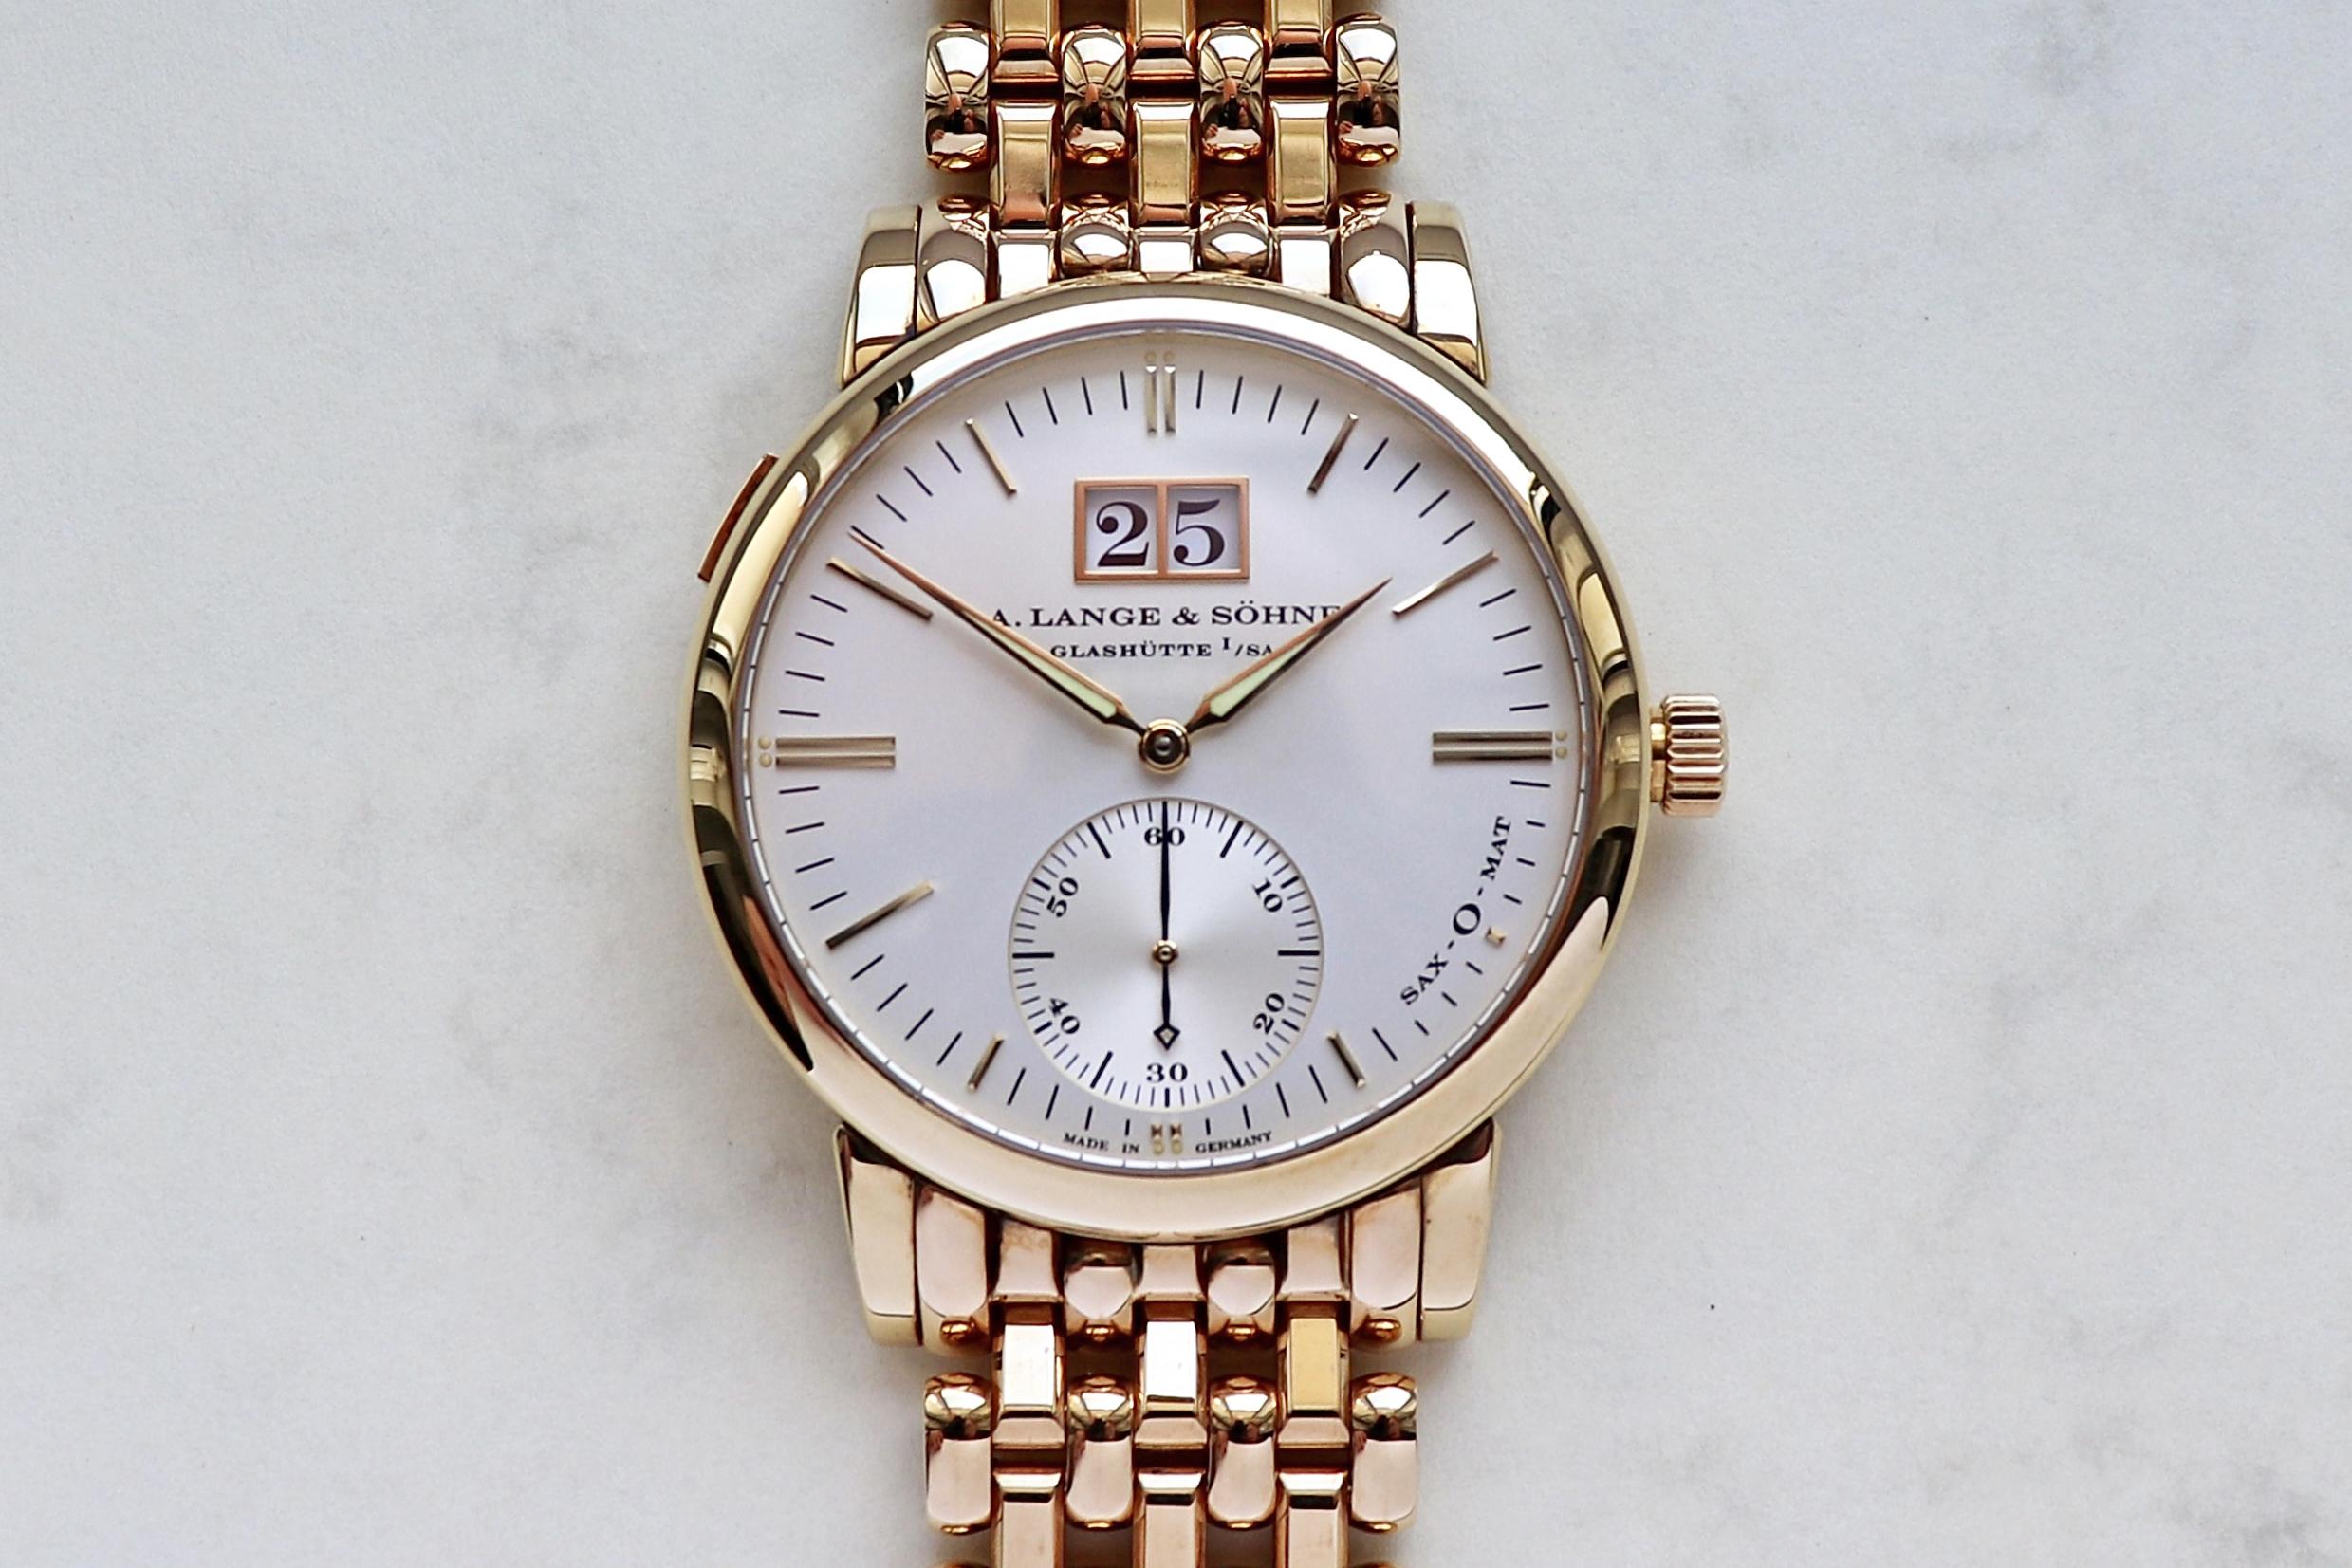 A lange söhne langematik big date pink gold wellendorff bracelet  308.032 - 358.032